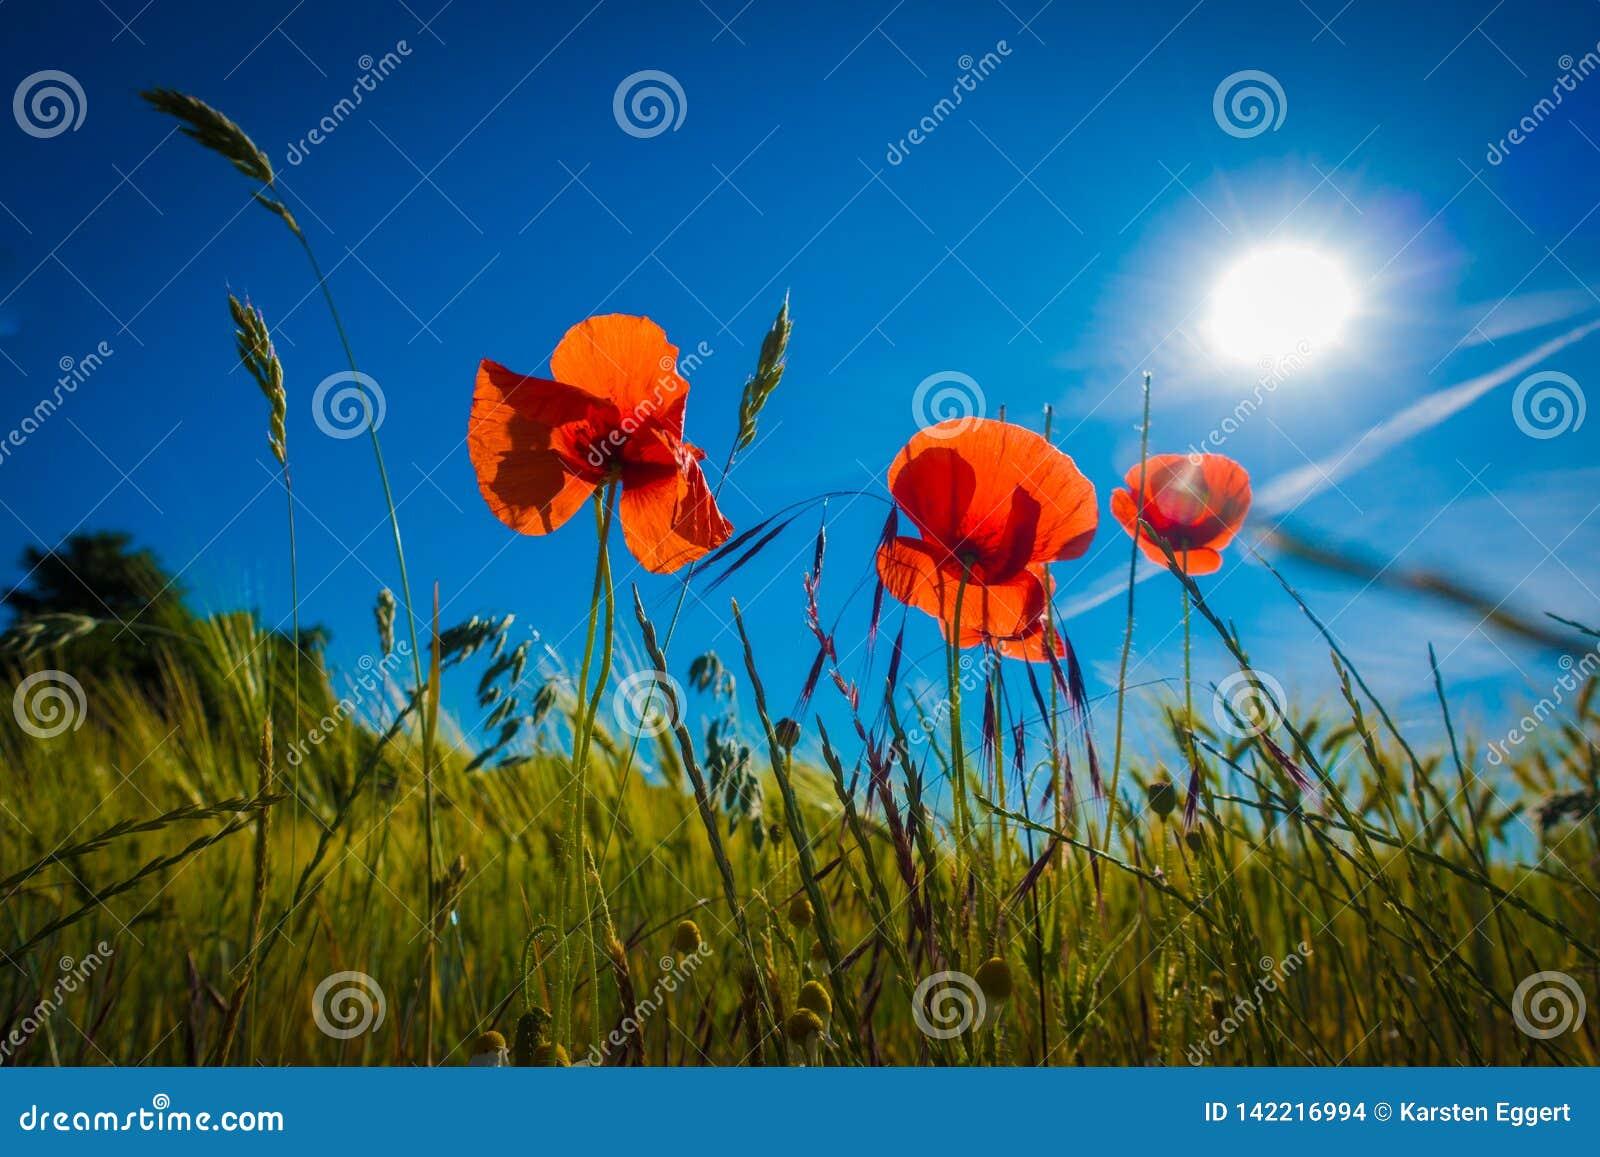 Czerwoni maczki w polu uprawnym w świetle słonecznym